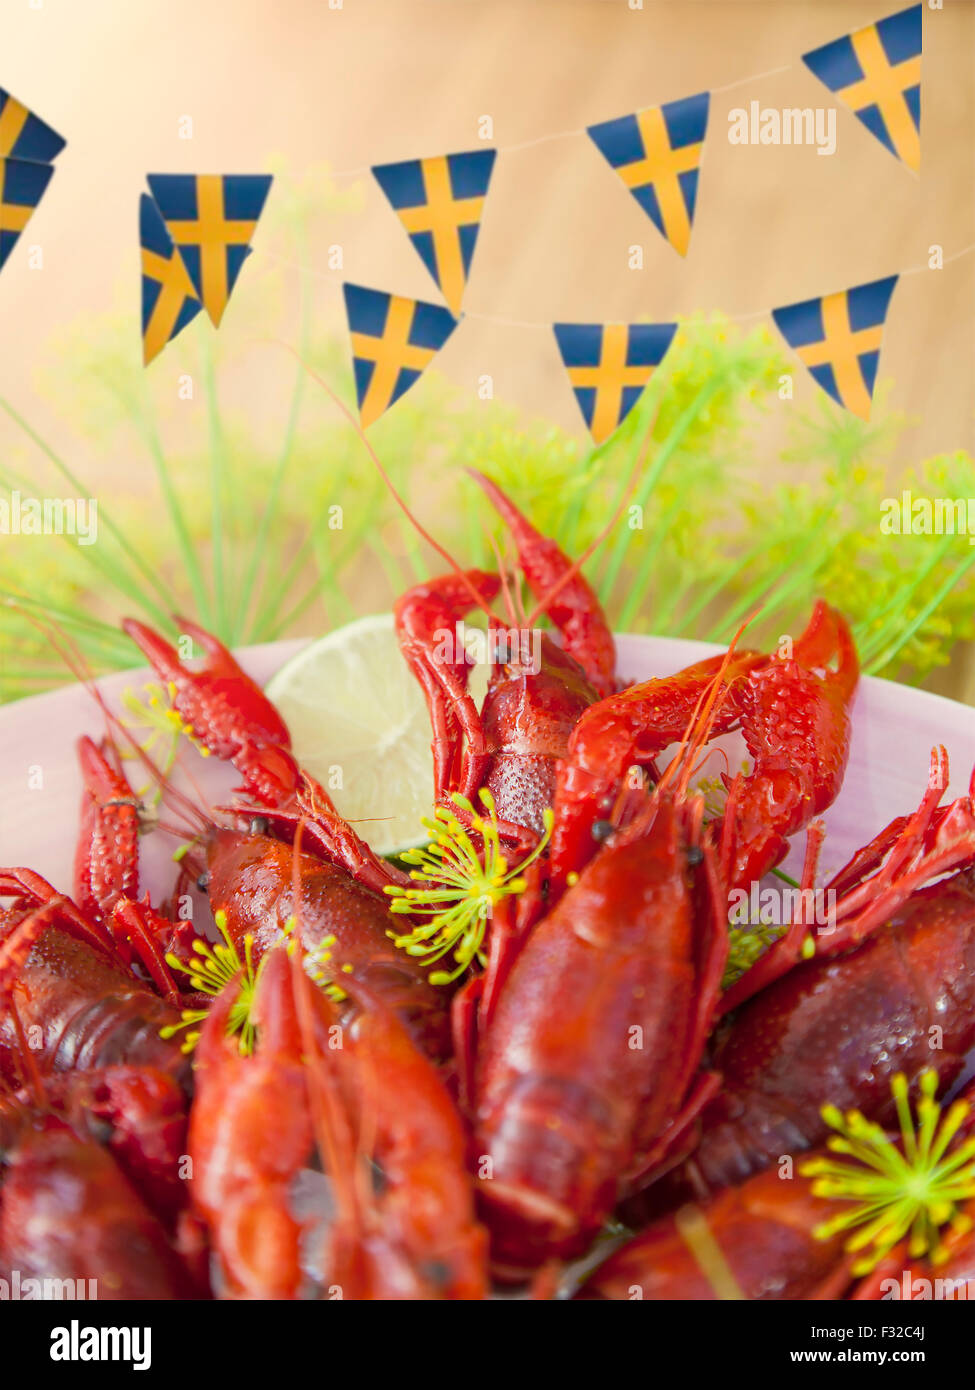 Immagine di un tradizionale svedese partito di gamberi di fiume. Immagini Stock